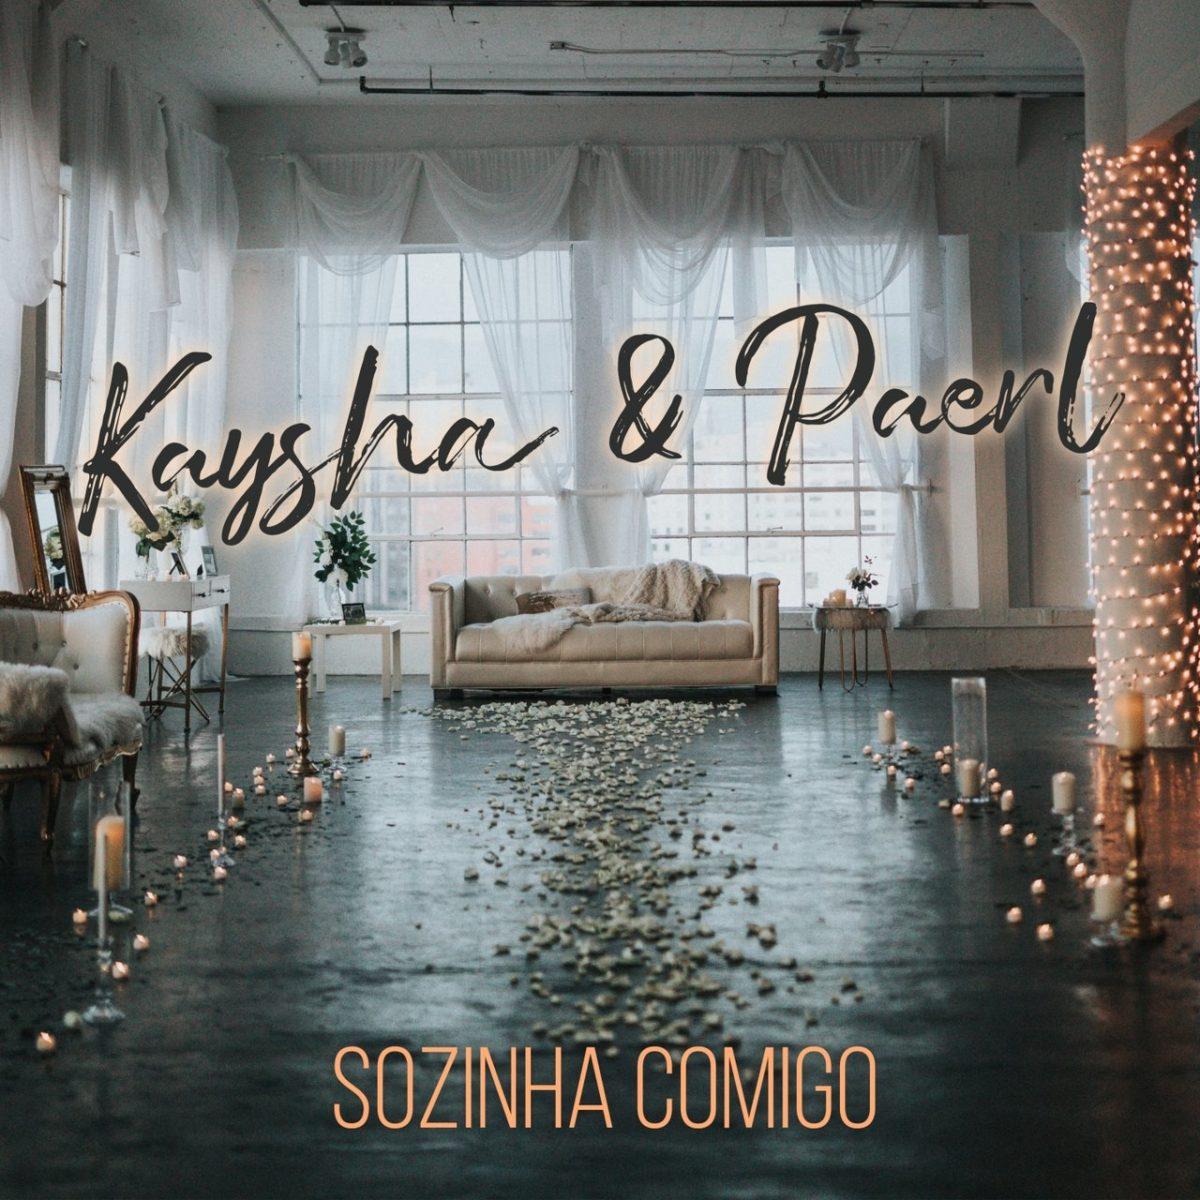 Kaysha - Sozinha Comigo (ft. Paerl) (Cover)